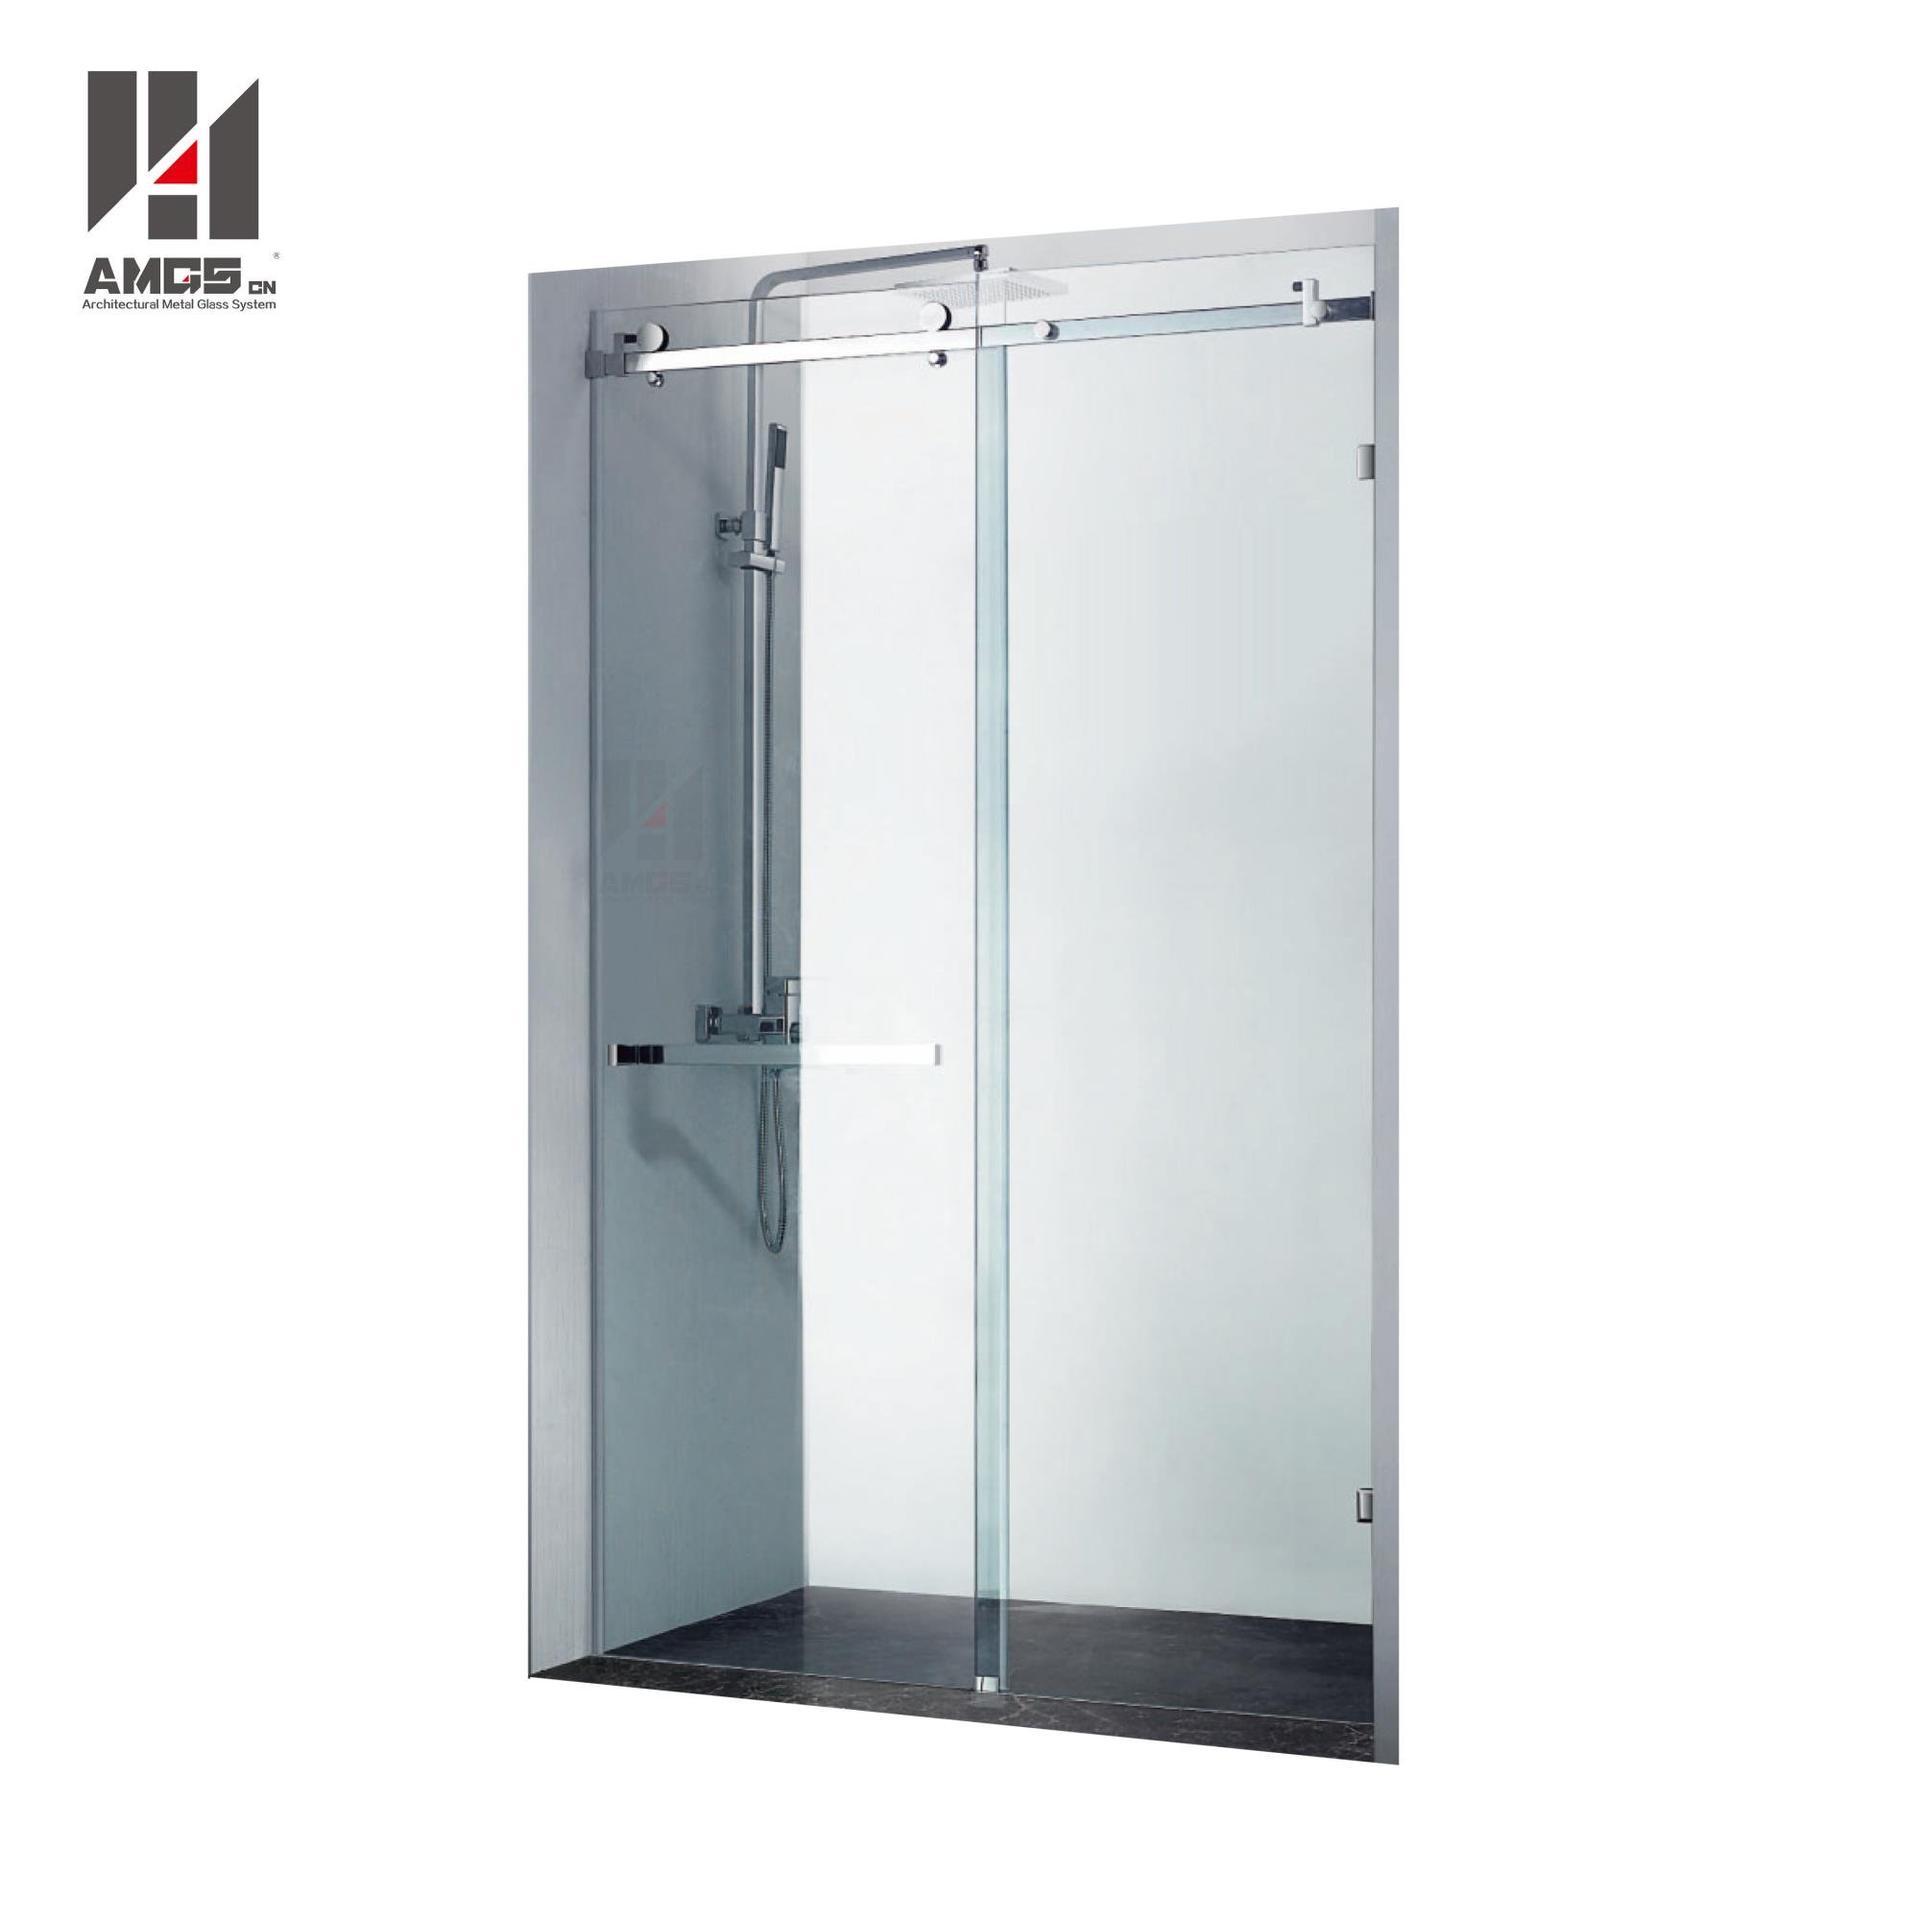 Bathroom Frameless Shower Sliding Doors With 8-12mm Tempered Glass